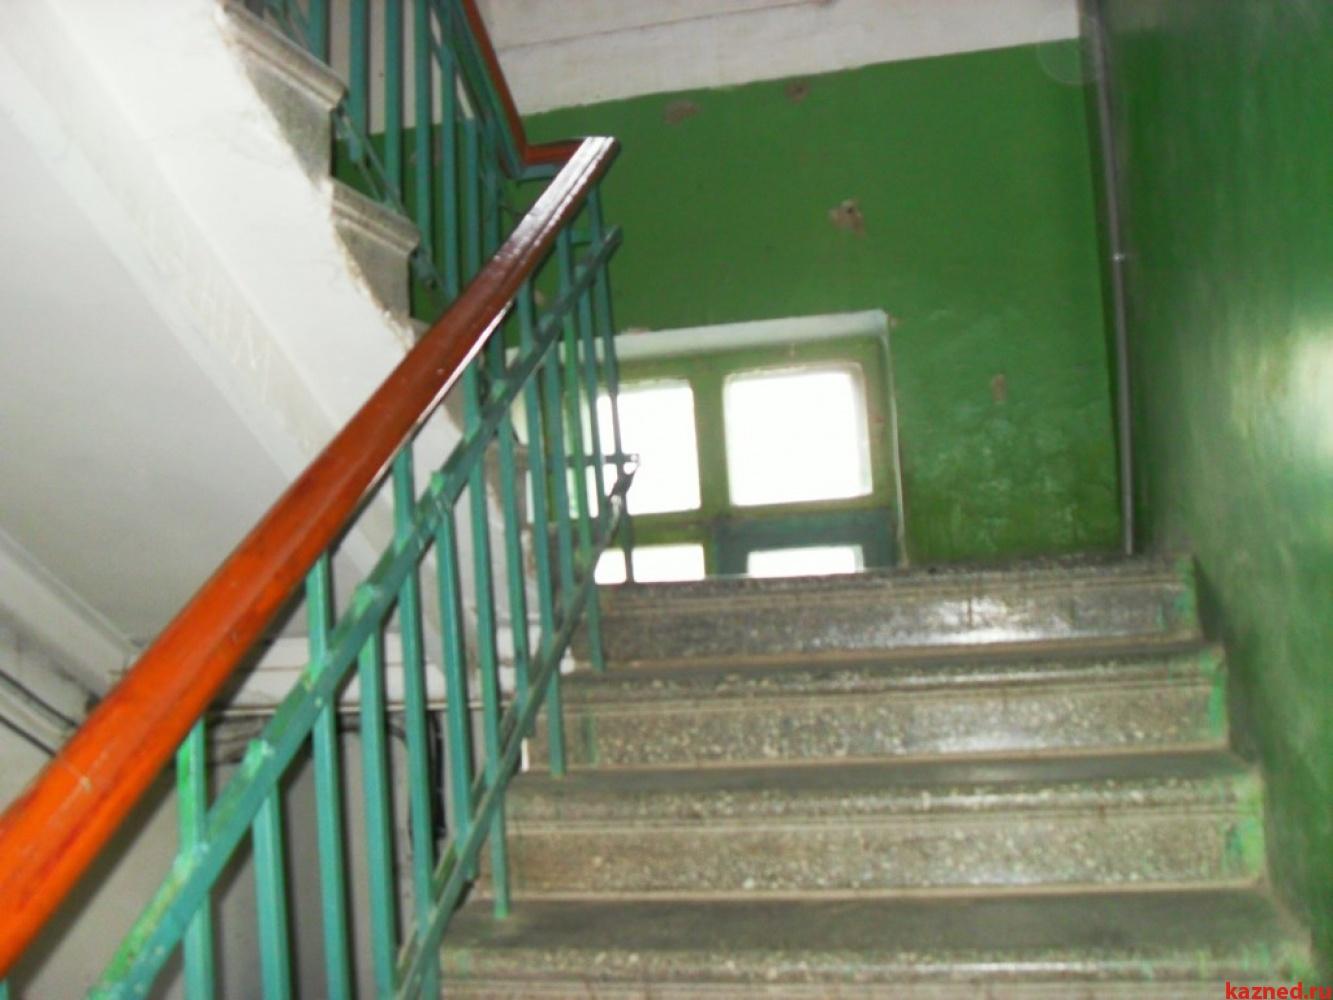 2-комн квартира ул. Белинского, 6 (миниатюра №12)